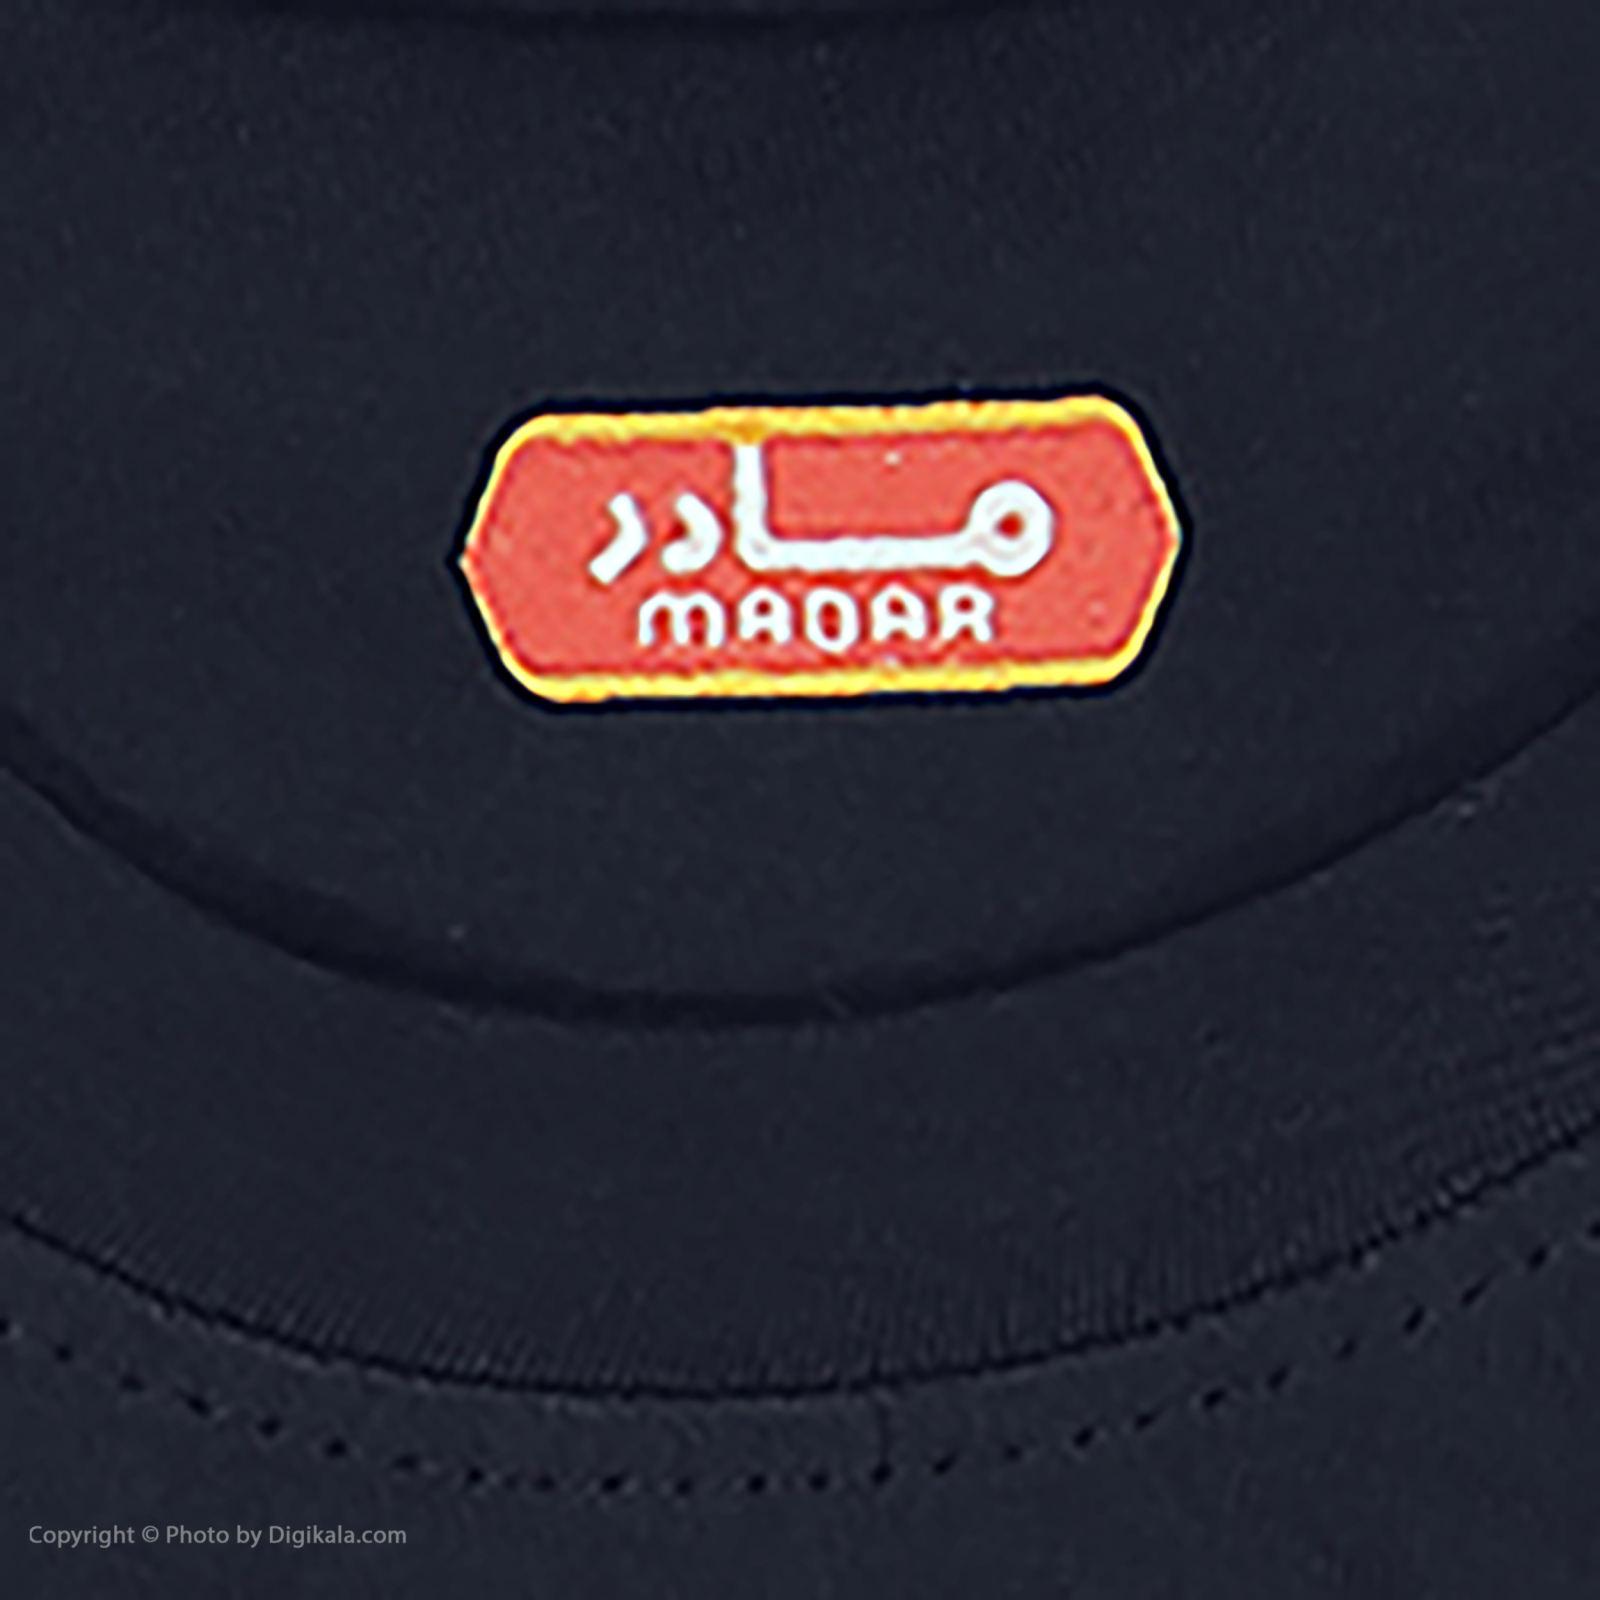 ست تی شرت و شلوارک پسرانه مادر مدل 421-59 -  - 4